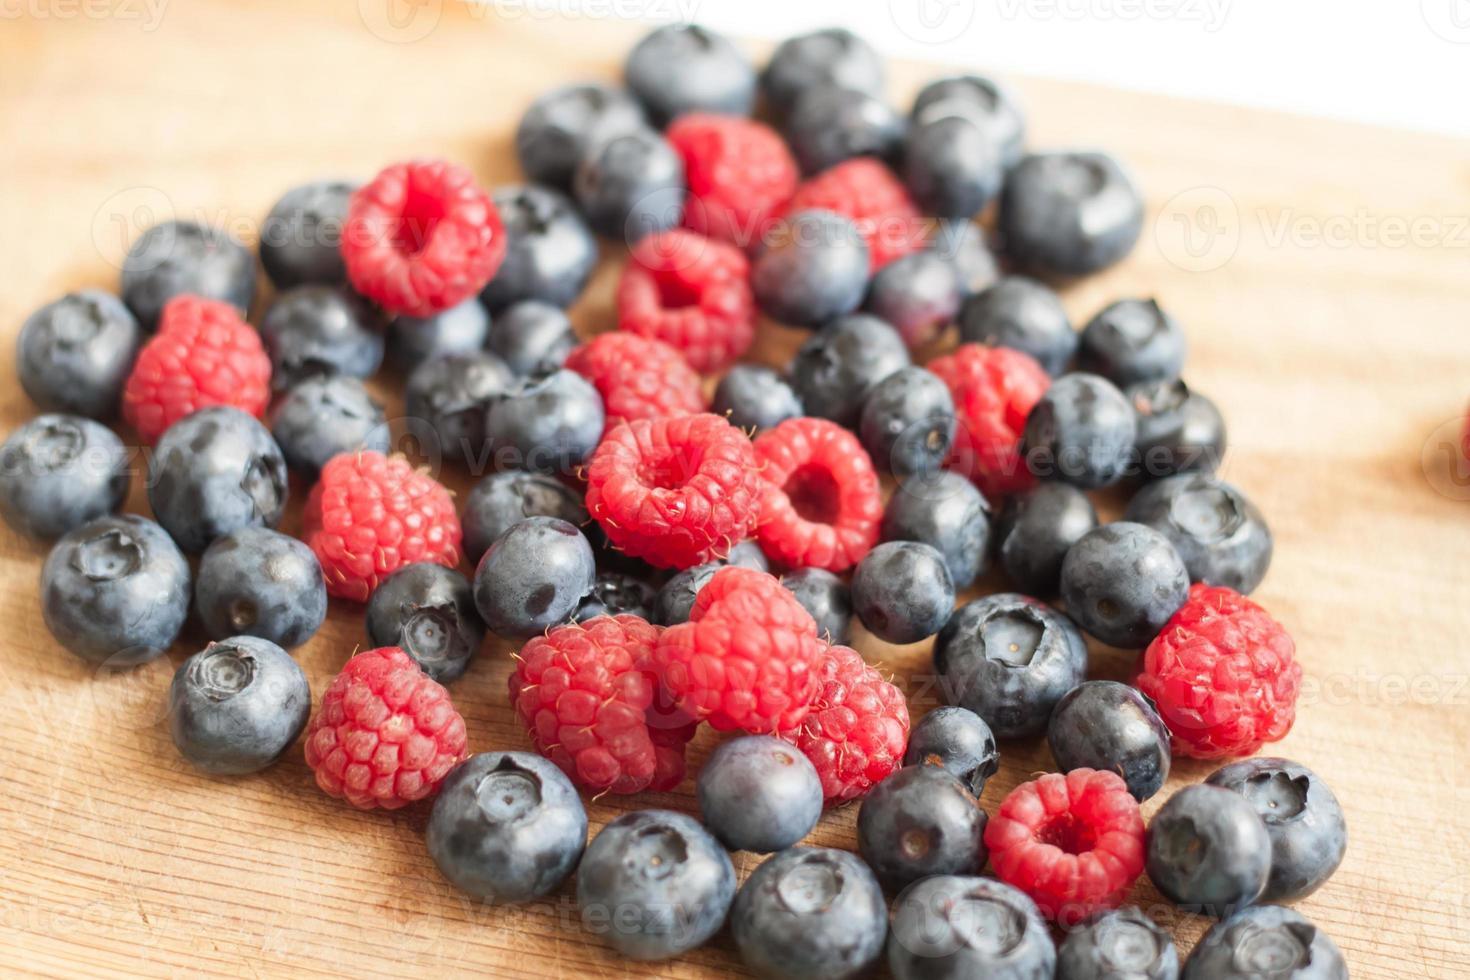 Heart of juicy ripe berries blueberries and raspberries photo